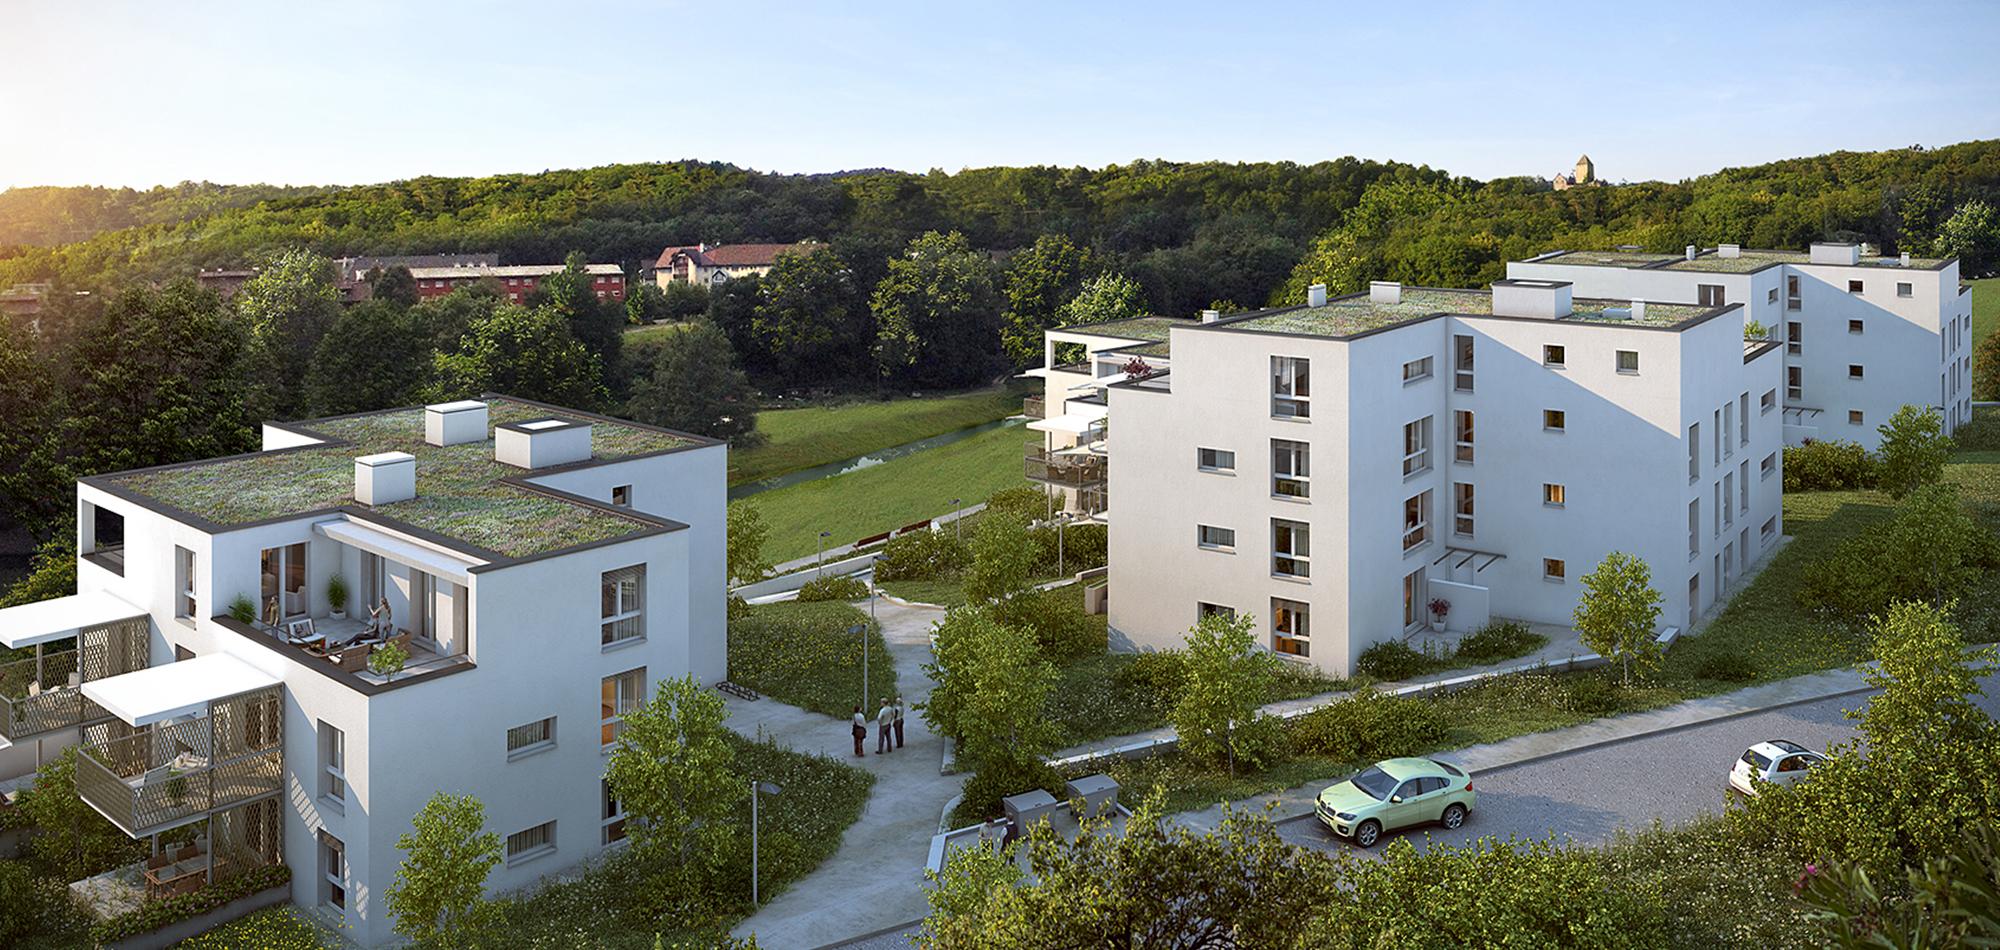 Schlossweiher 2_2000x950